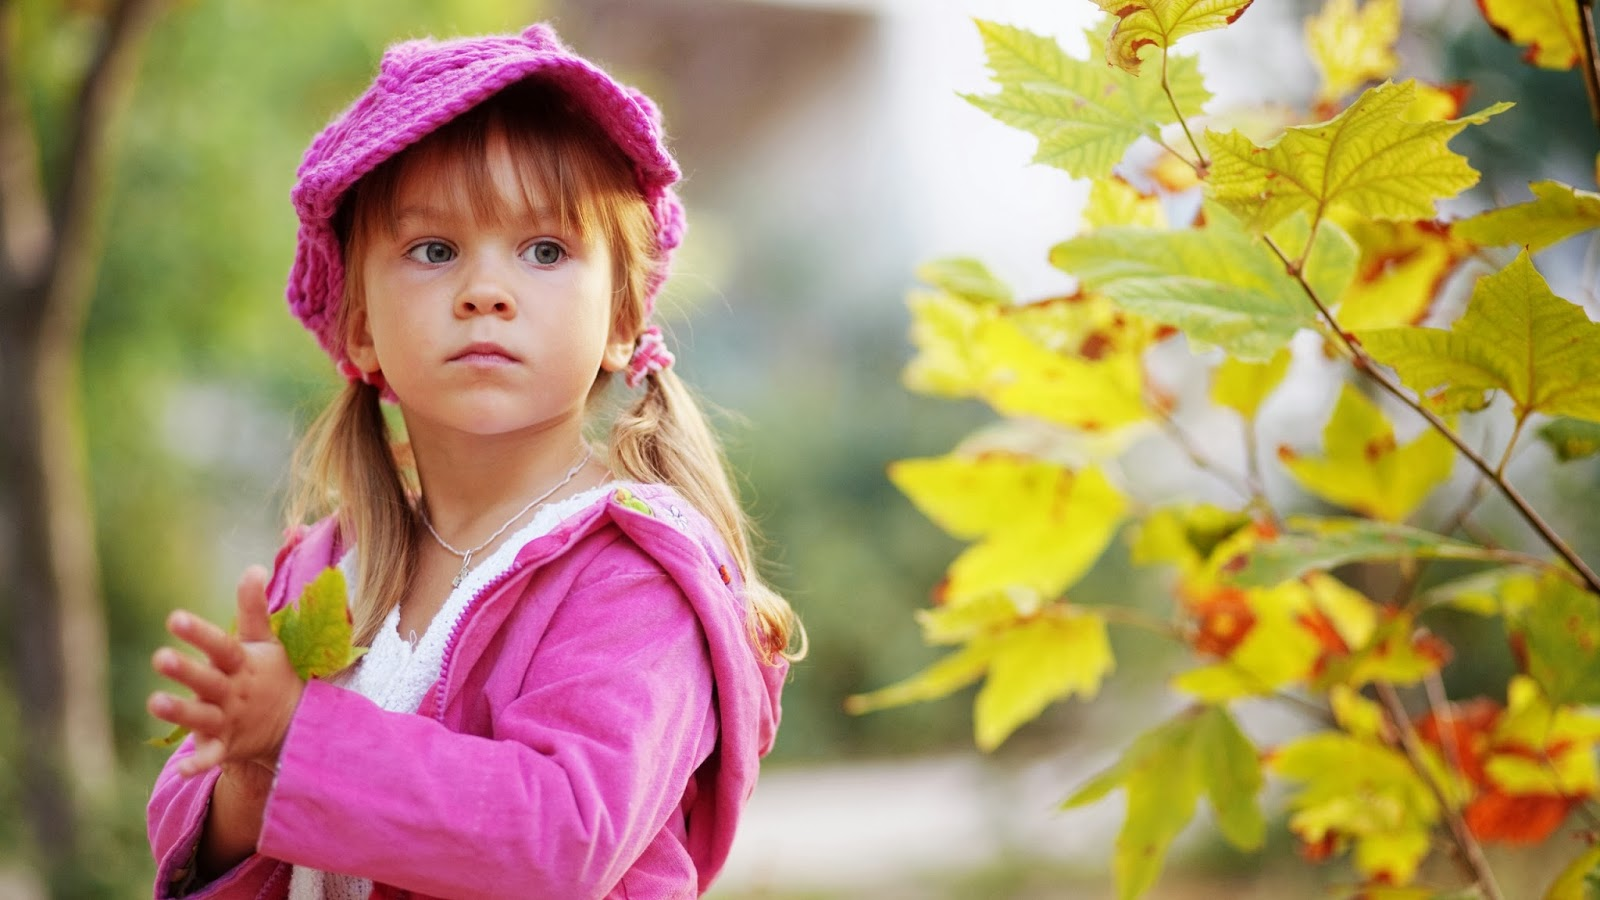 صورة اطفال بنات , صور اطفال بناتى جميلة 4694 6